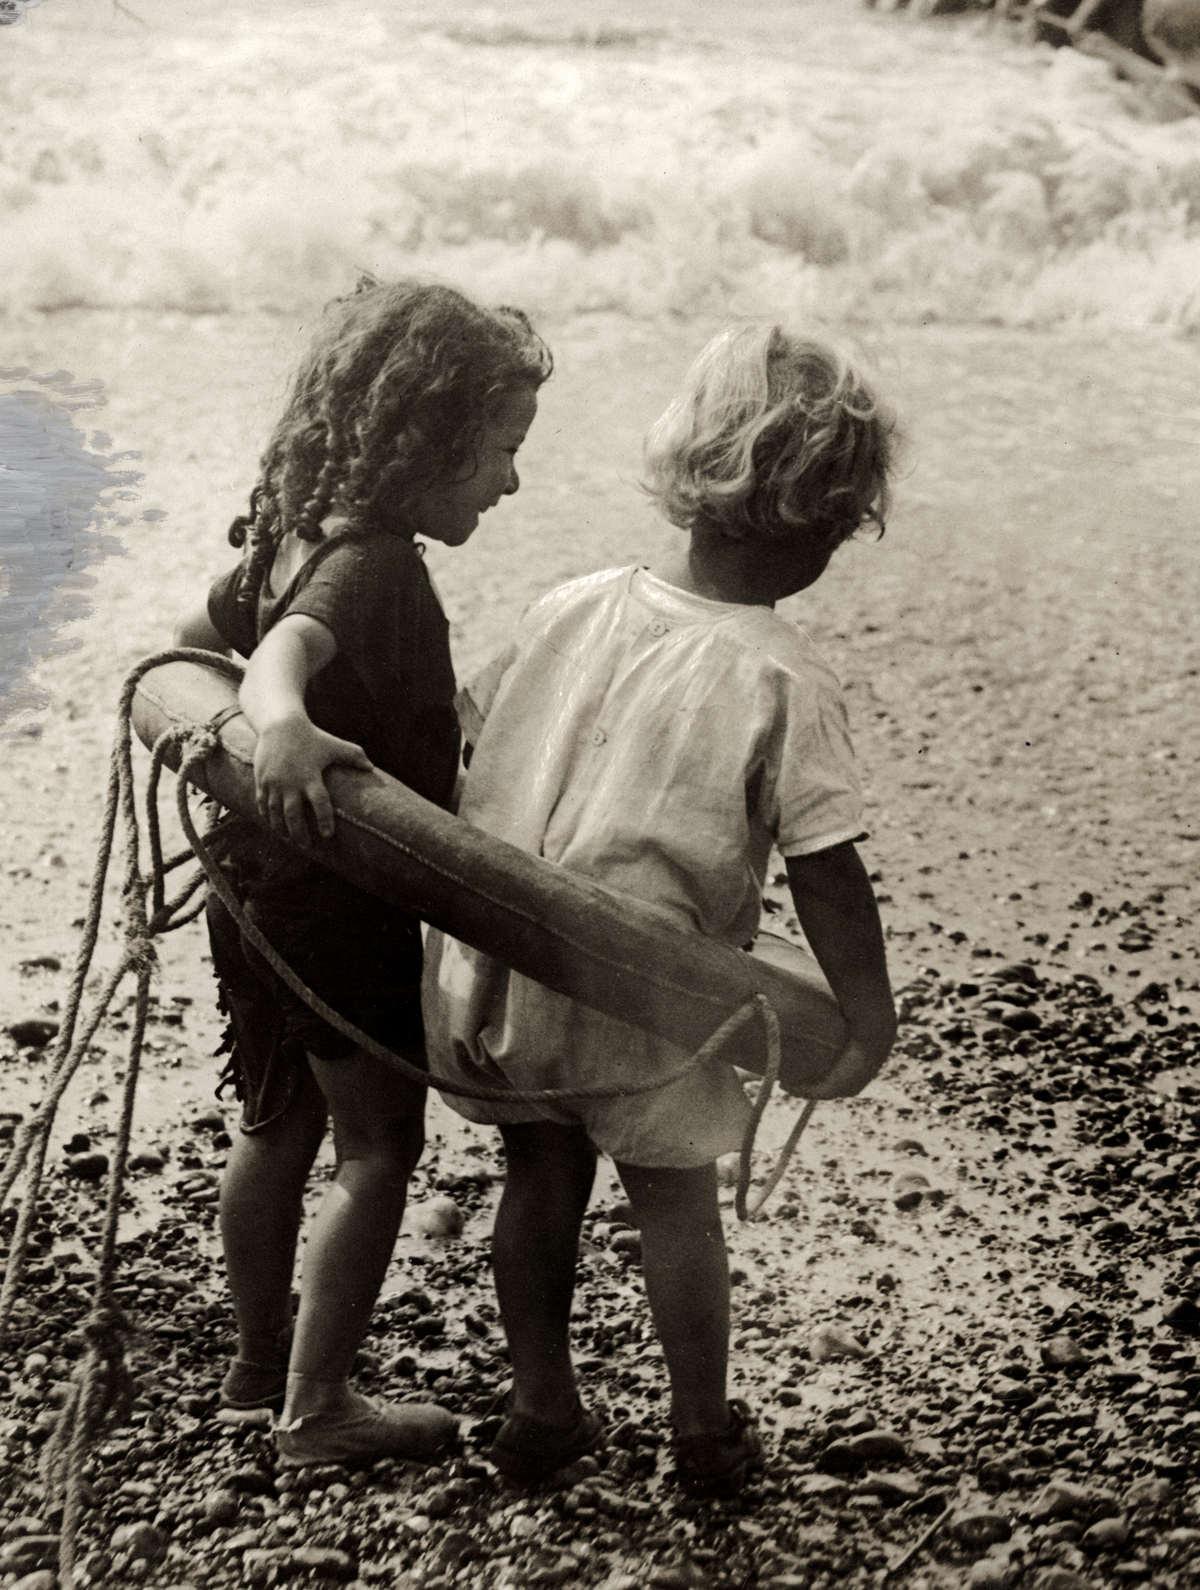 Twee kindjes in een reddingsboei op het strand plaats en land